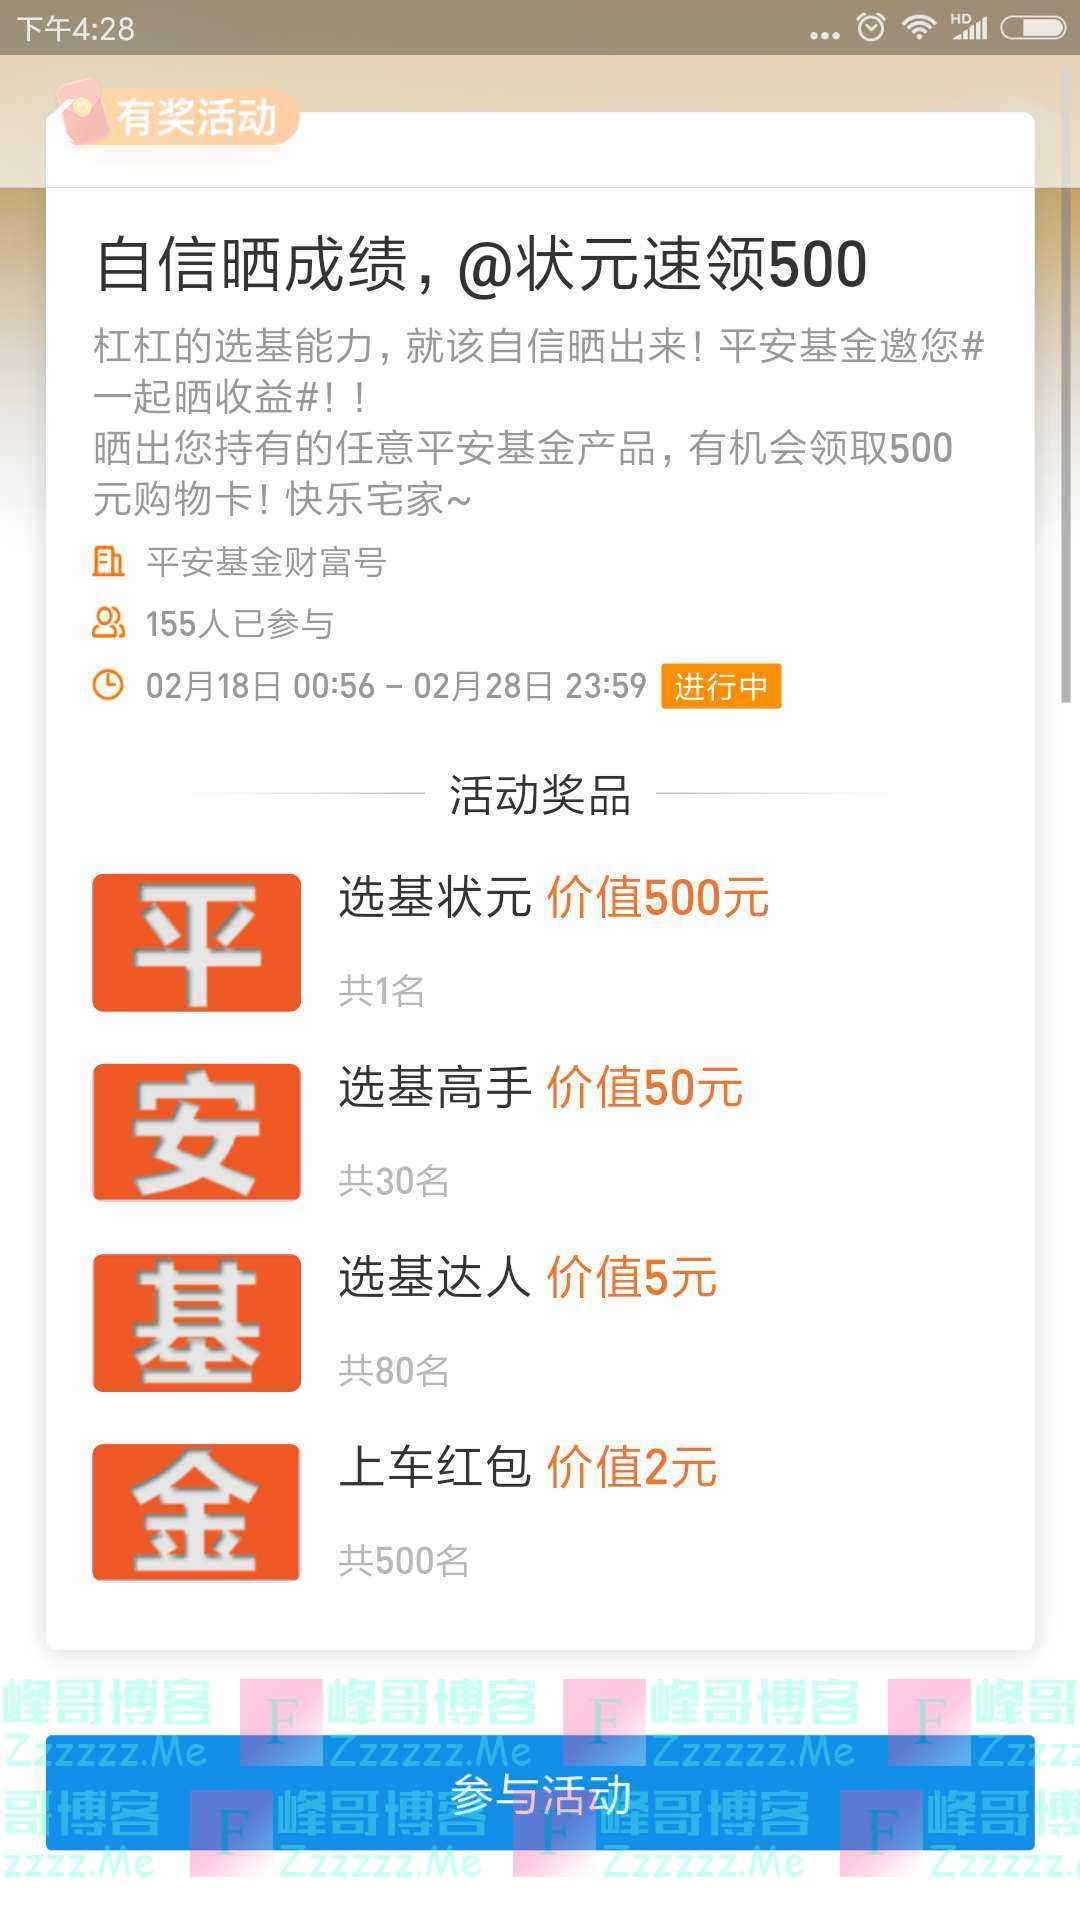 平安基金自信晒成绩 @状元速领500(截止2月28日)